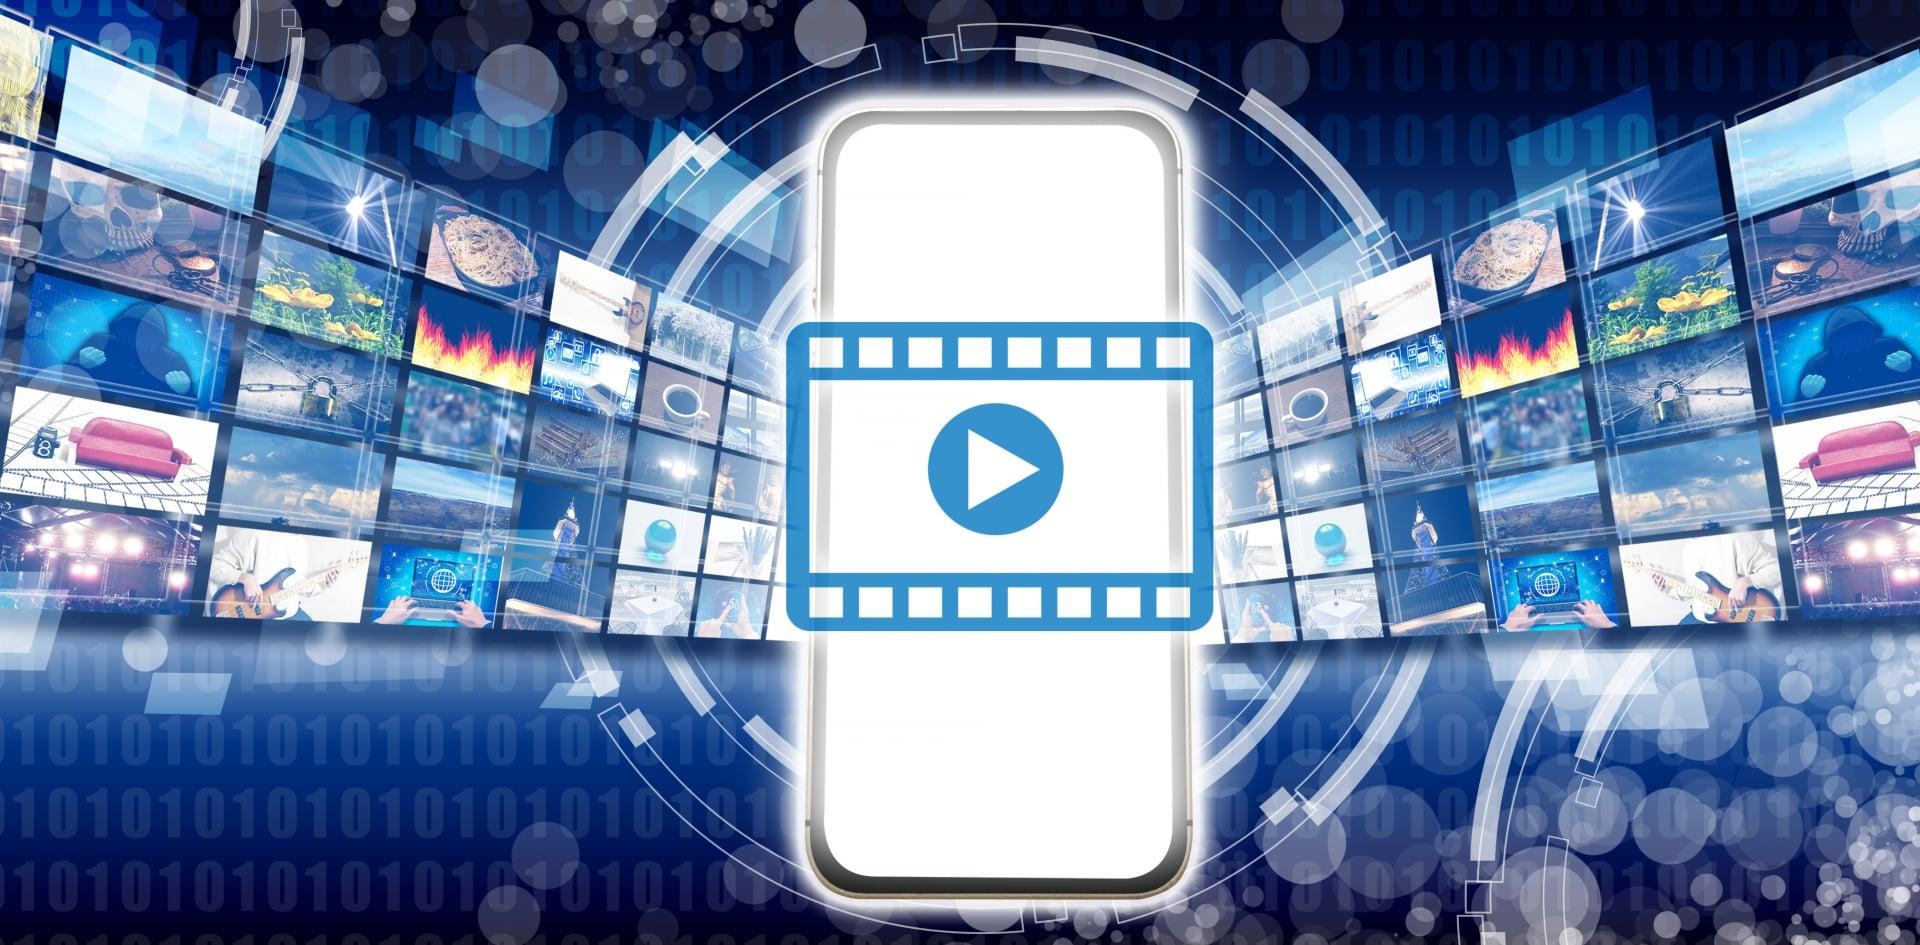 【Vimeoの登録方法】ログインできないときの対処法も解説